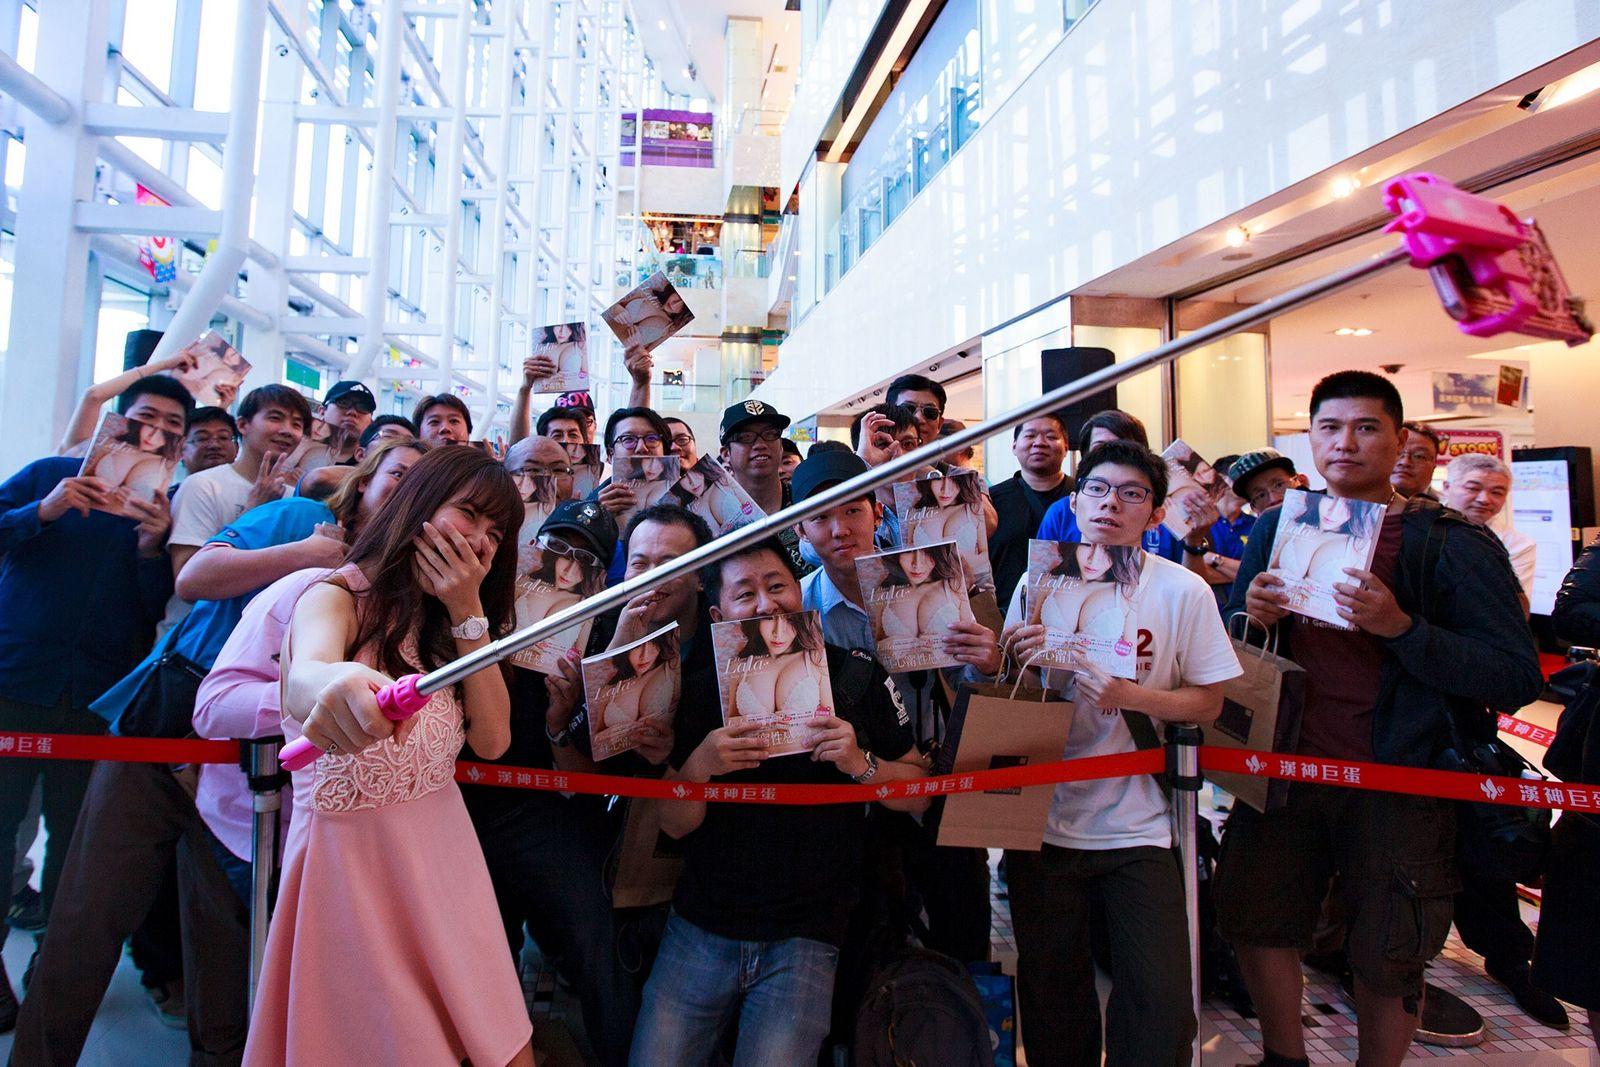 Lala, Taiwan, Fans